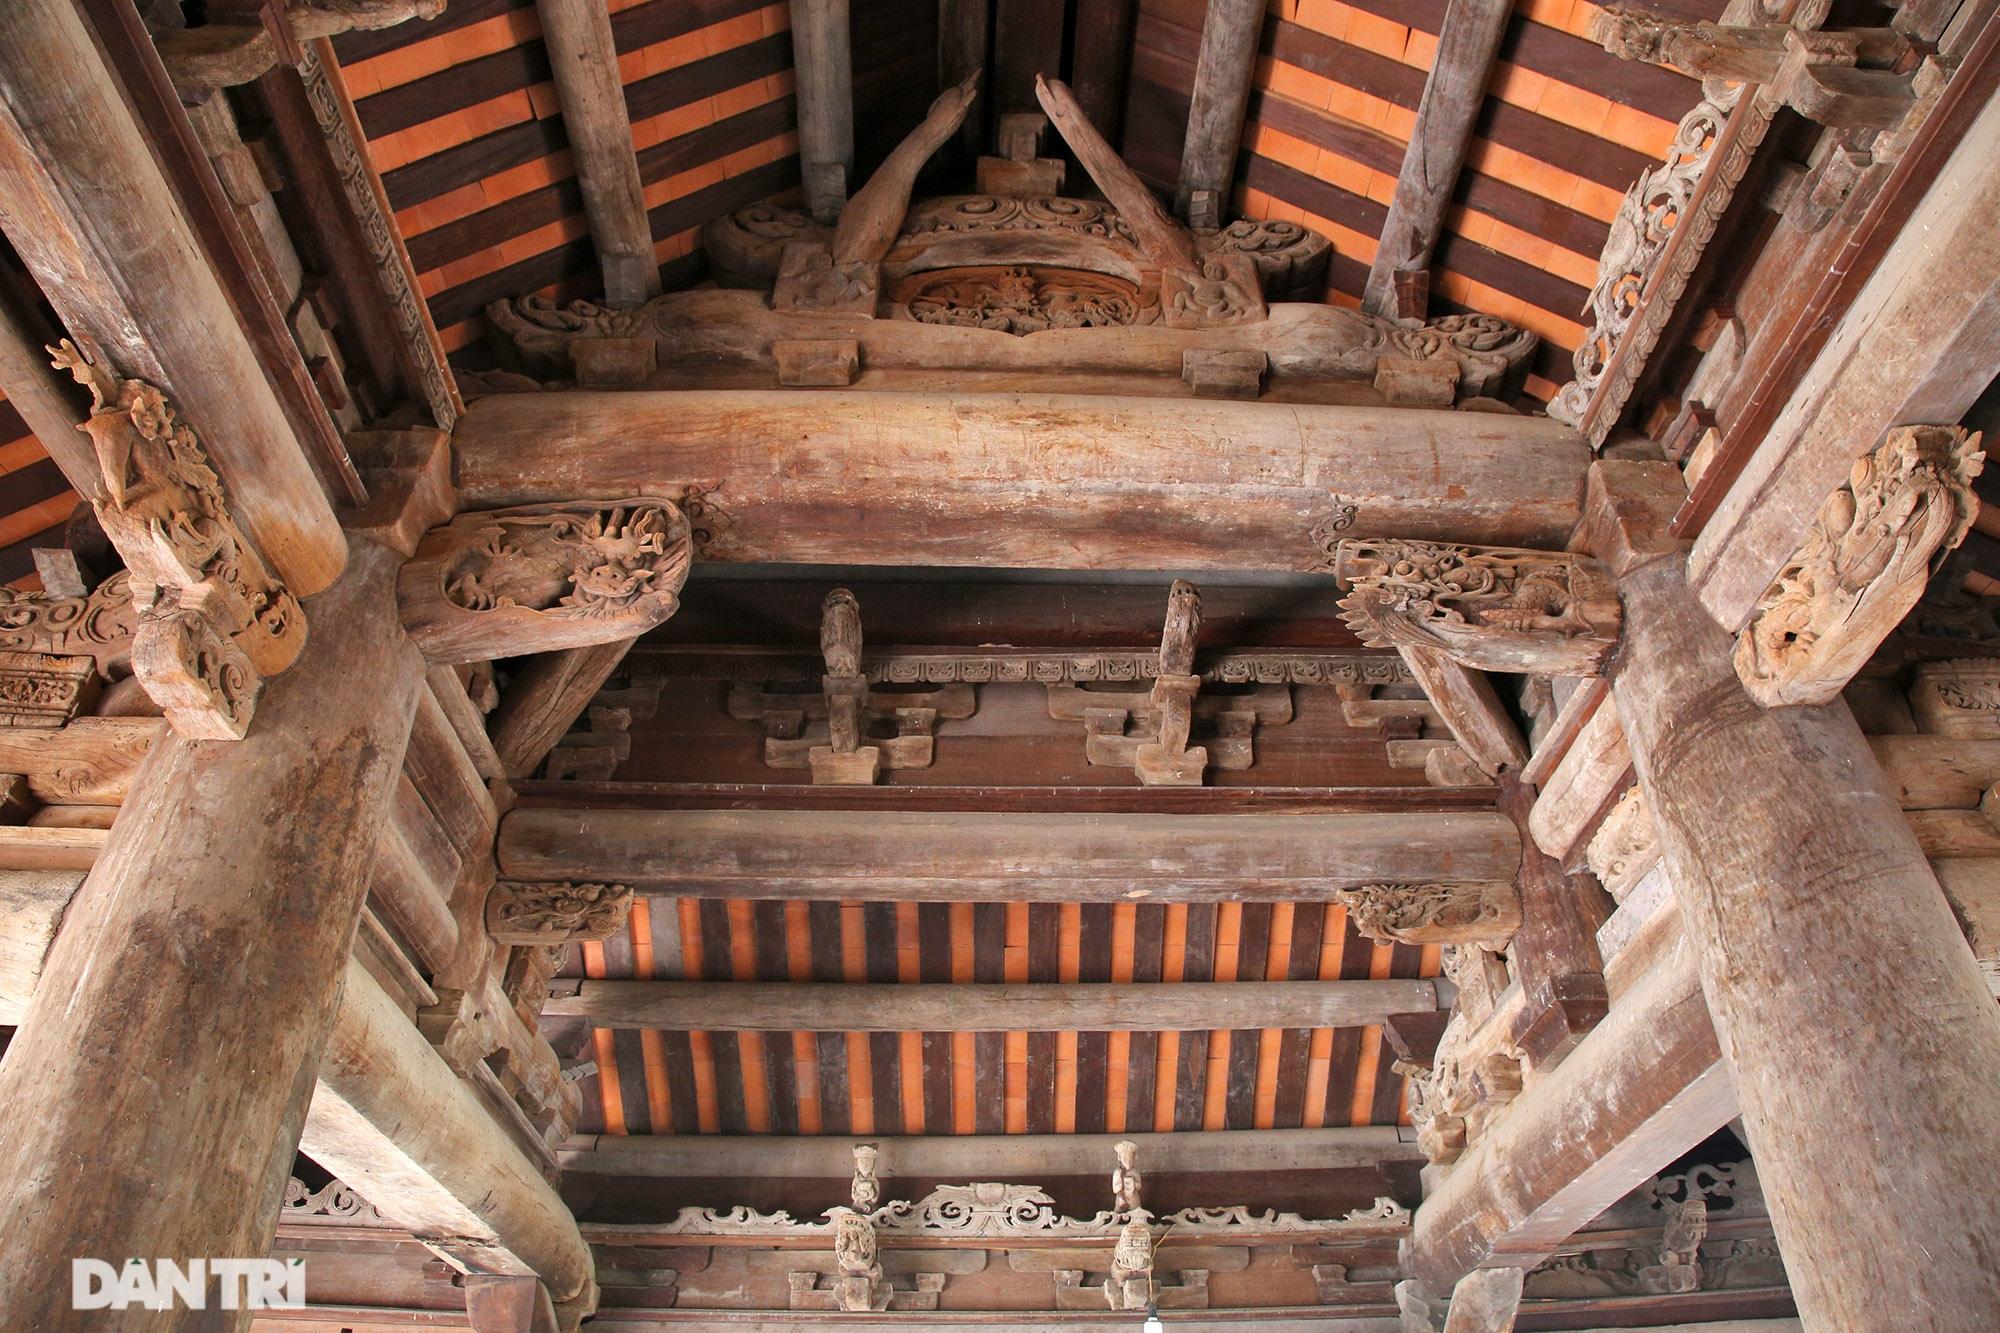 Chiêm ngưỡng tuyệt tác chạm khắc hơn 400 năm tuổi tại Hà Nội - 4